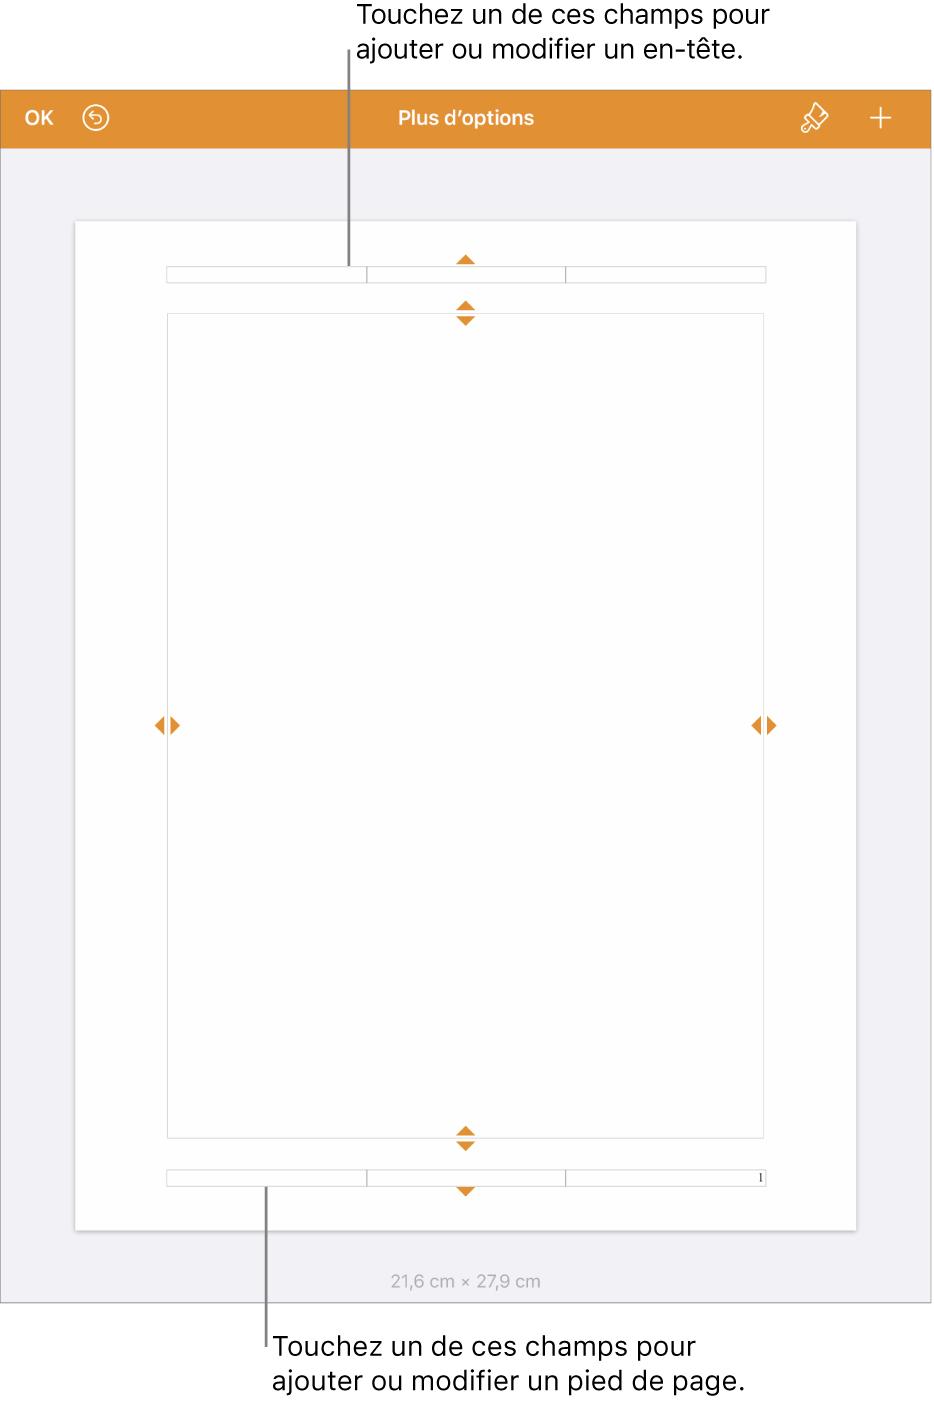 La présentation «Plus d'options» avec trois champs en haut du document pour les en-têtes et trois champs en bas du document pour les pieds de page.